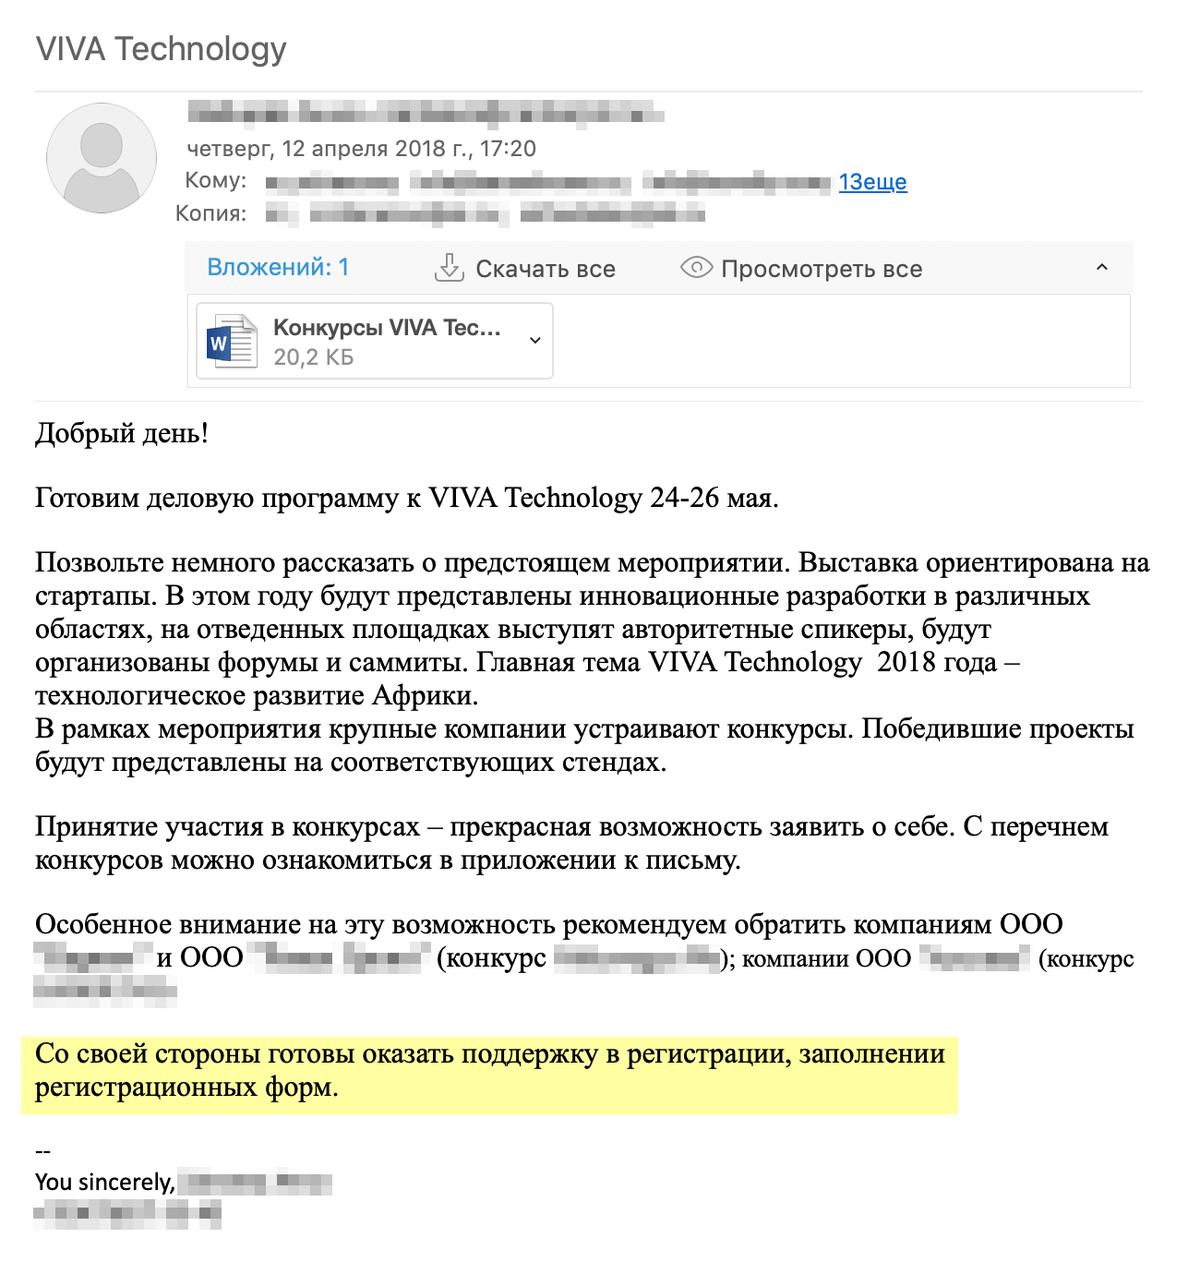 Мне понравилась забота организаторов: они перевели на русский особенности участия в каждом конкурсе и предложили свою помощь в регистрации